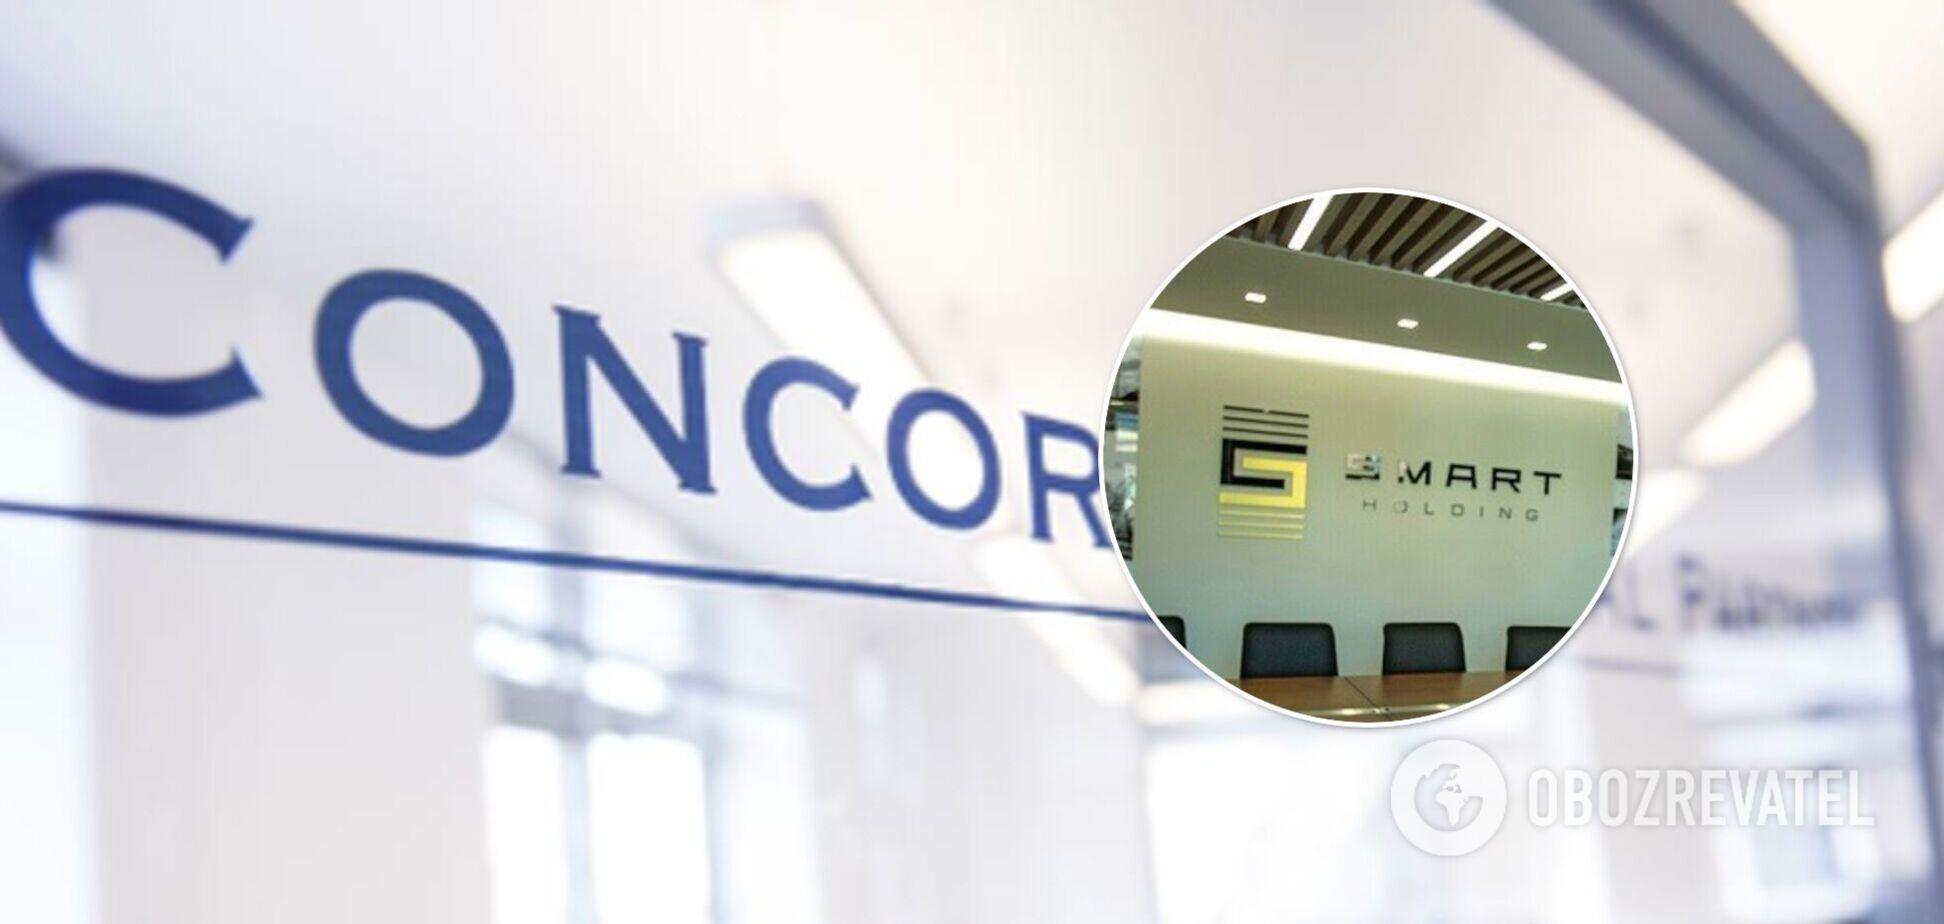 Concorde Capital и Smart Holding договорились о совместном управлении торговыми центрами